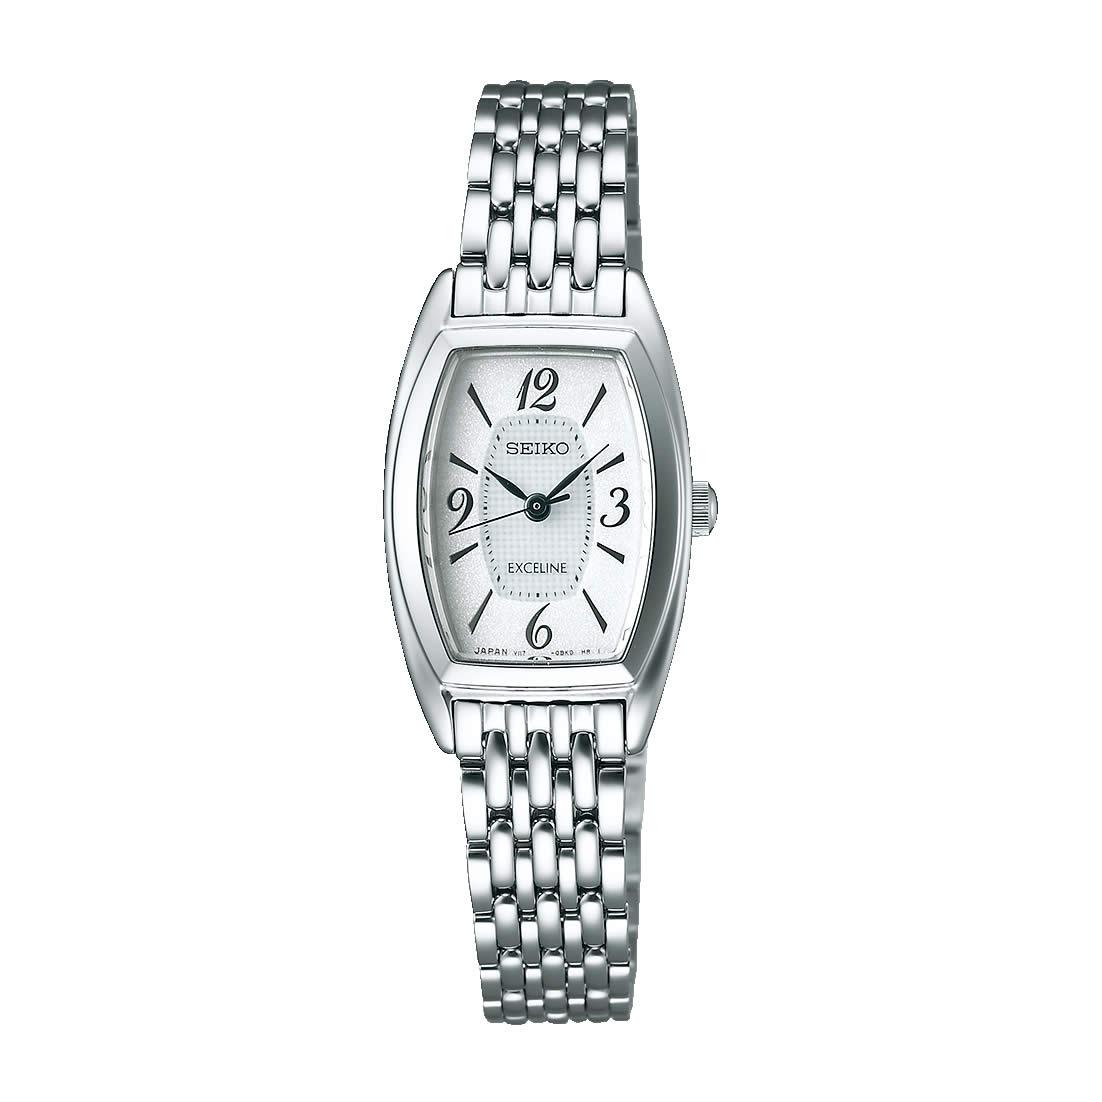 【送料無料】【国内正規品】セイコー エクセリーヌ SEIKO EXCELINE 腕時計 ソーラー SWCQ063 レディース 時計 100M 10気圧防水 オフィス エレガント トノー型 細身 華奢 人気 うでどけい とけい WATCH 時計【取り寄せ】